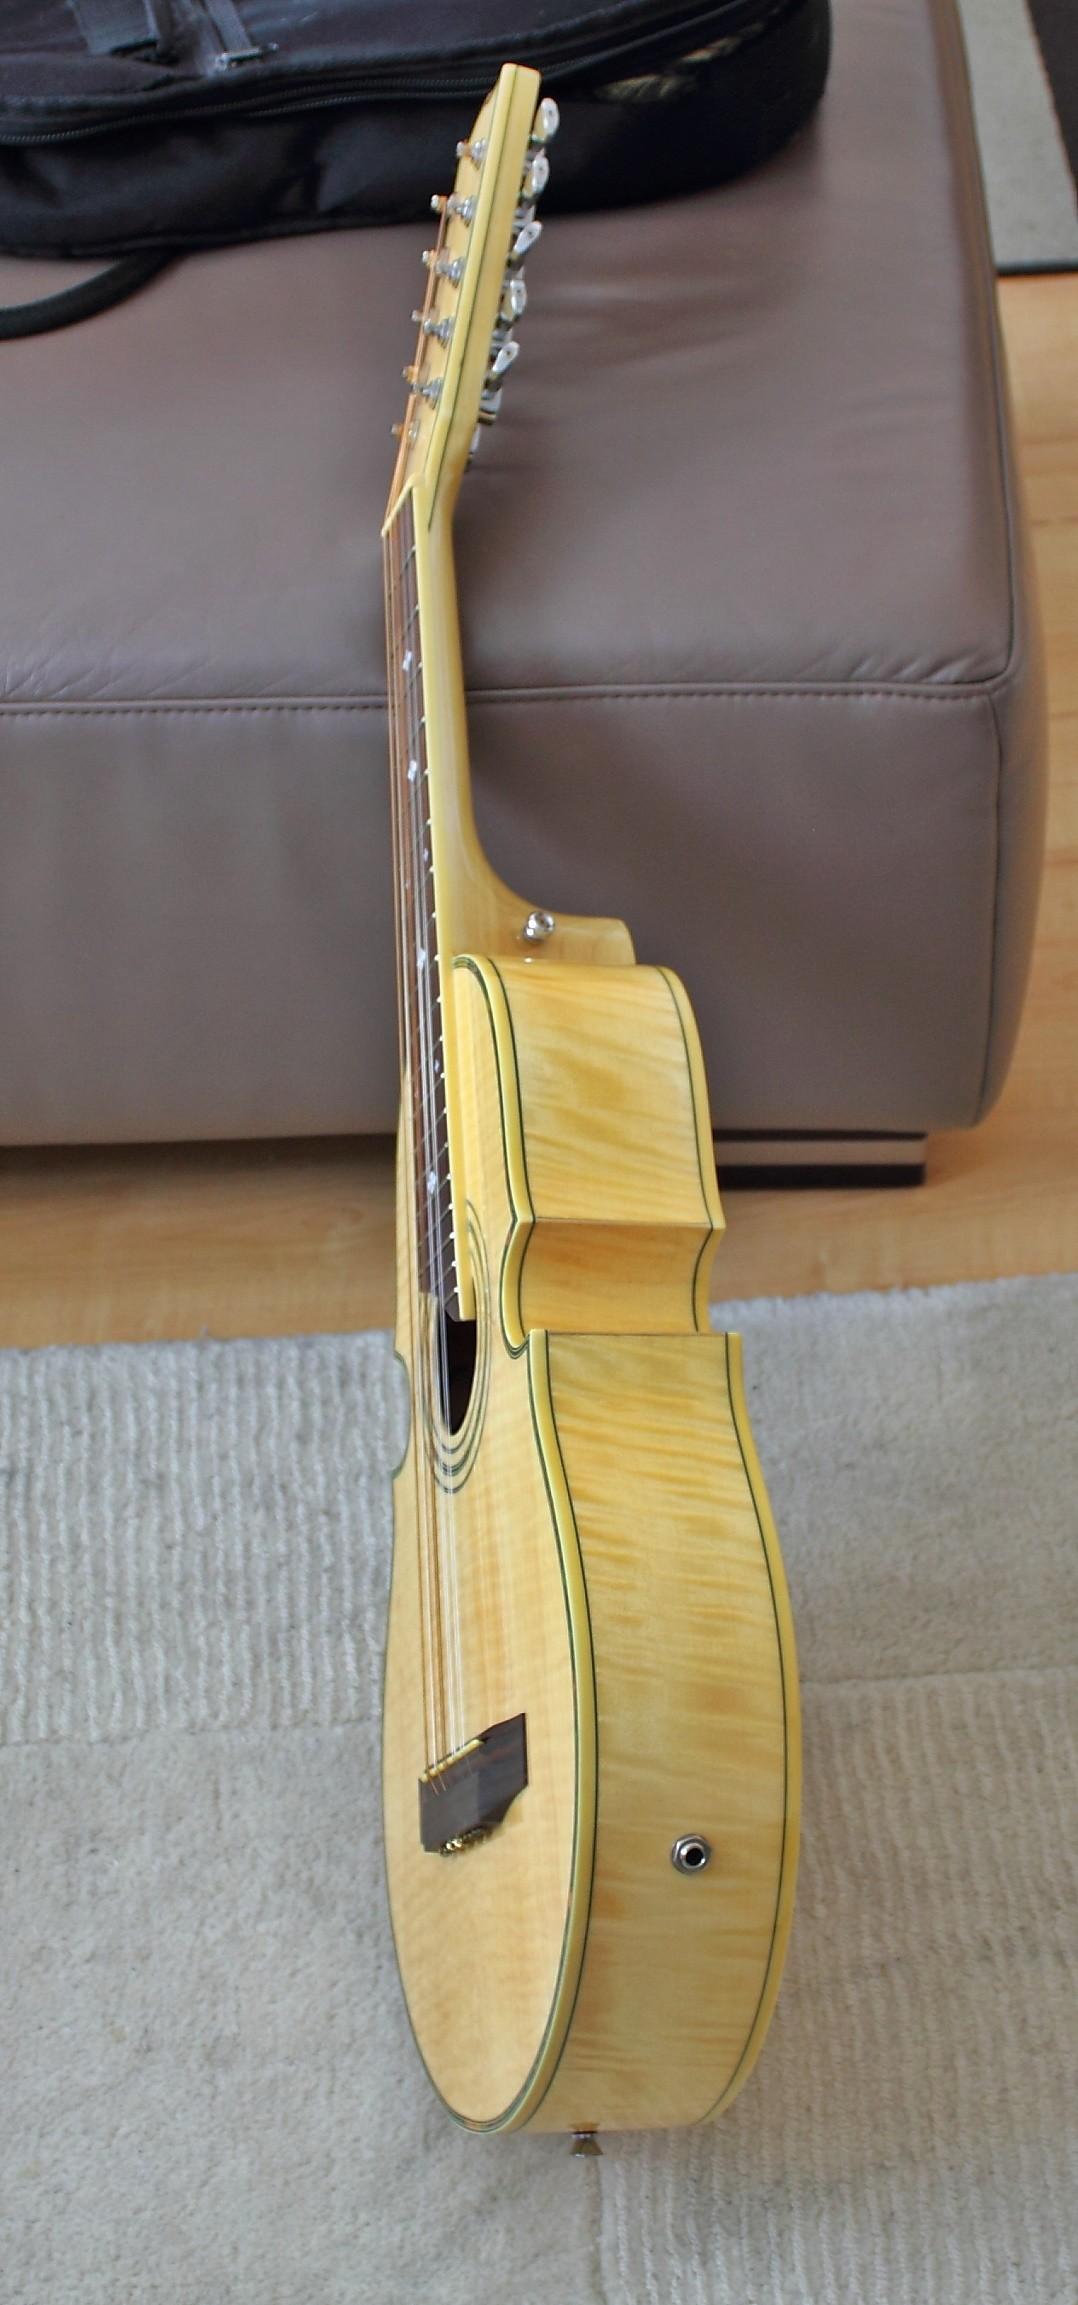 ukulele36ts88.jpg